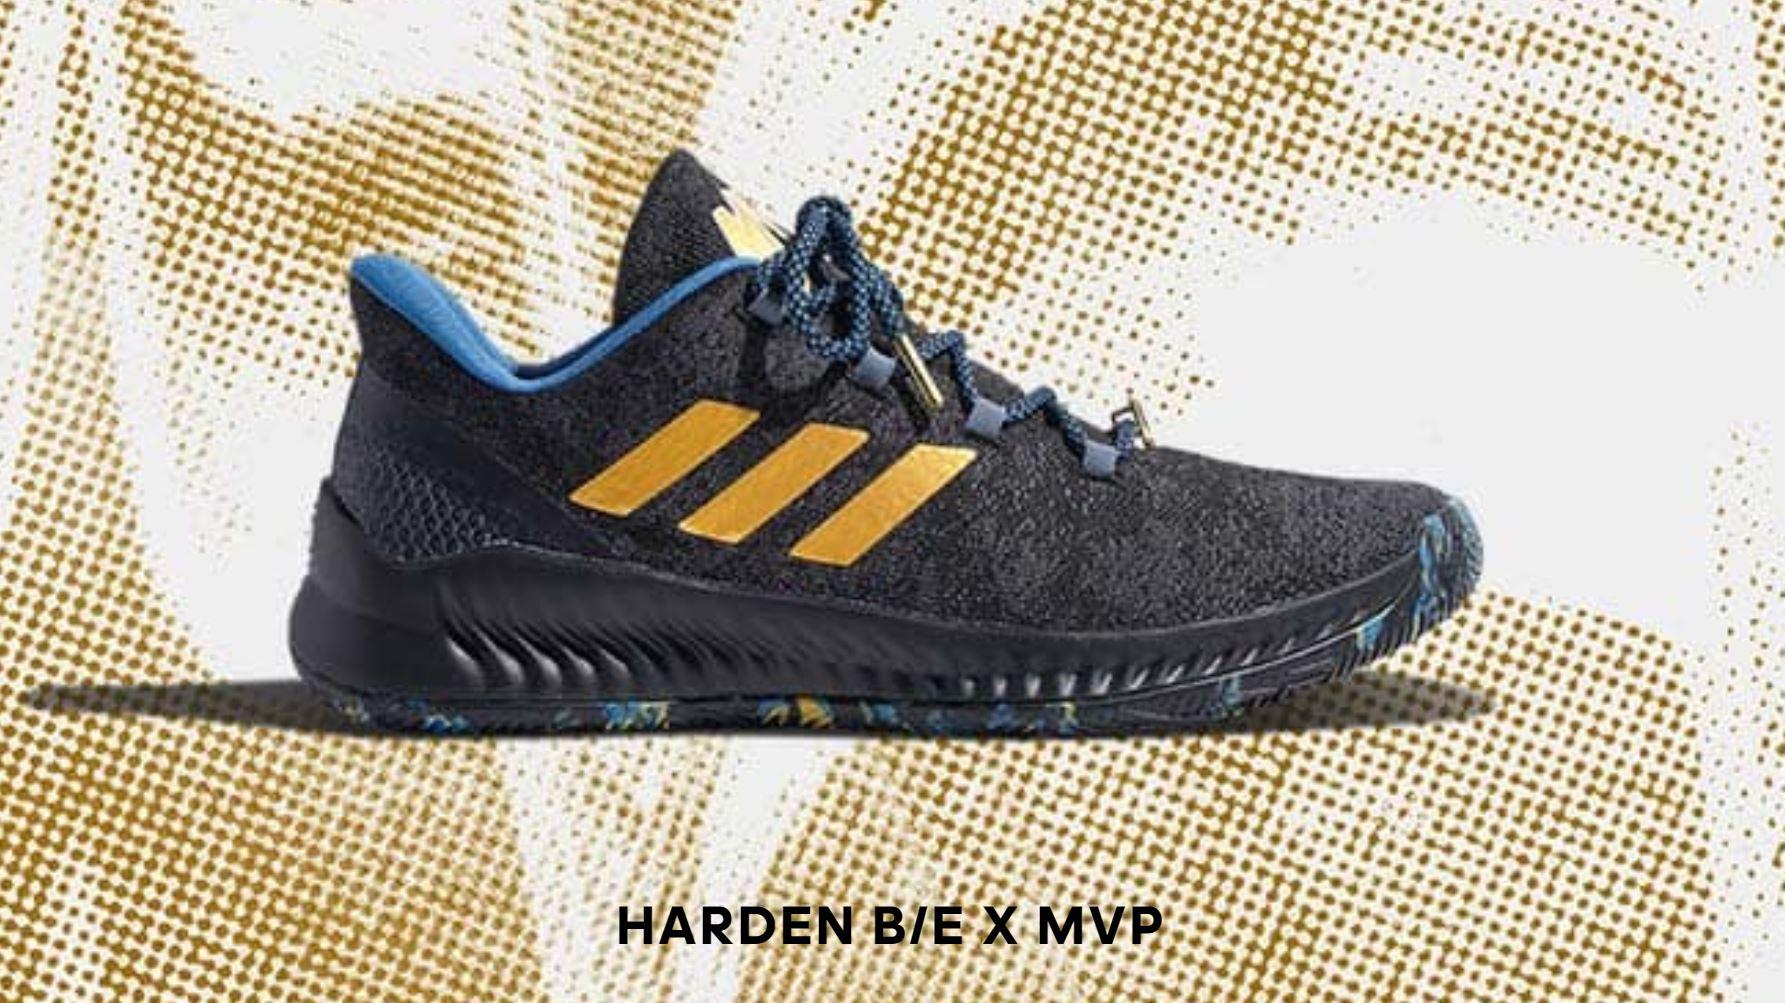 adidas James Harden MVP Pack Brings